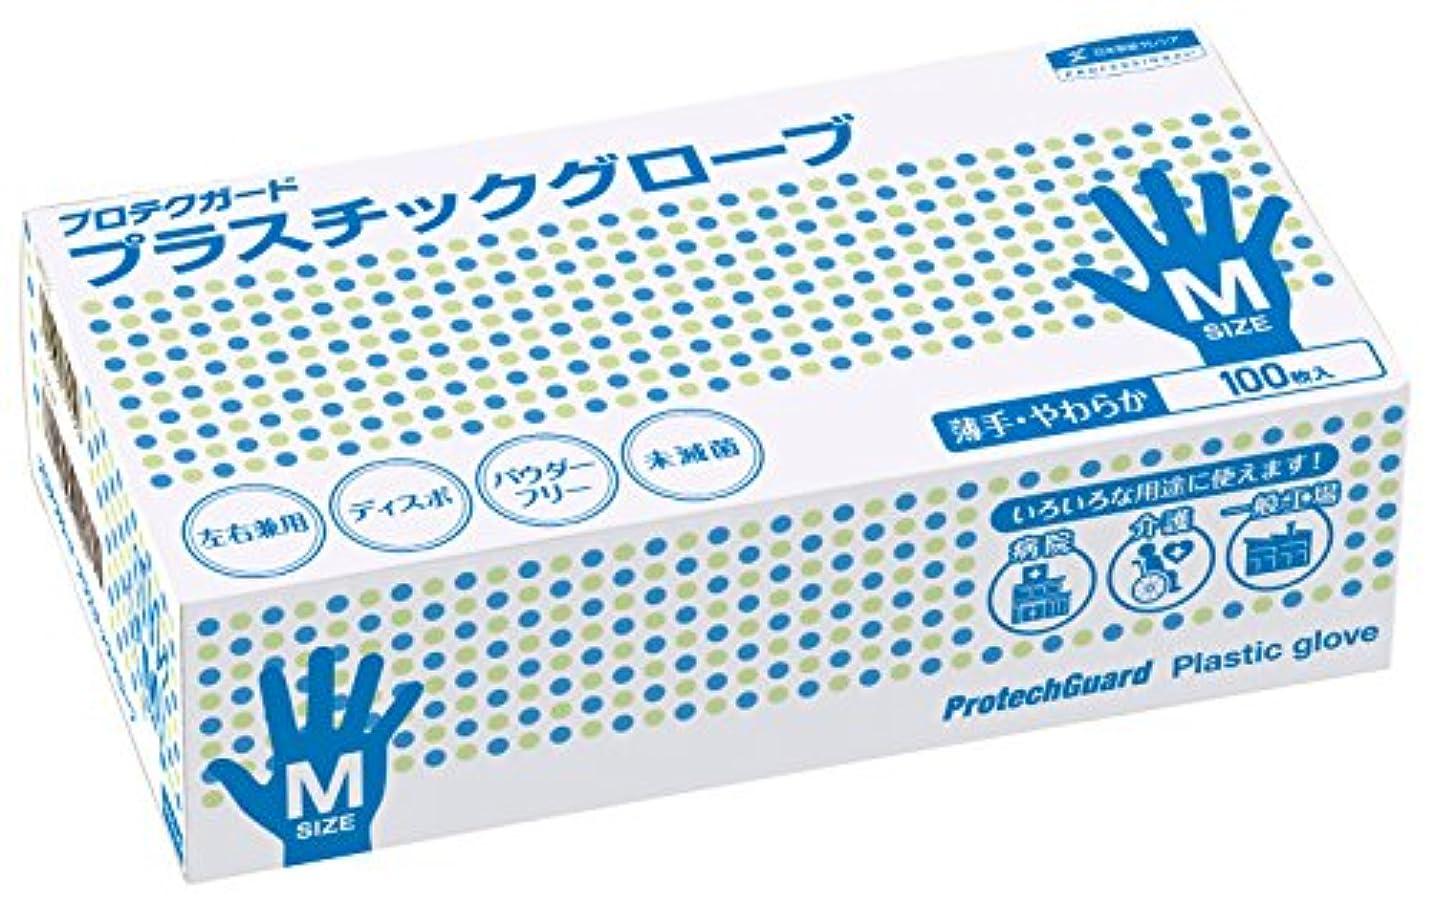 消化遺産試用プロテクガードプラスチックグローブM サイズ